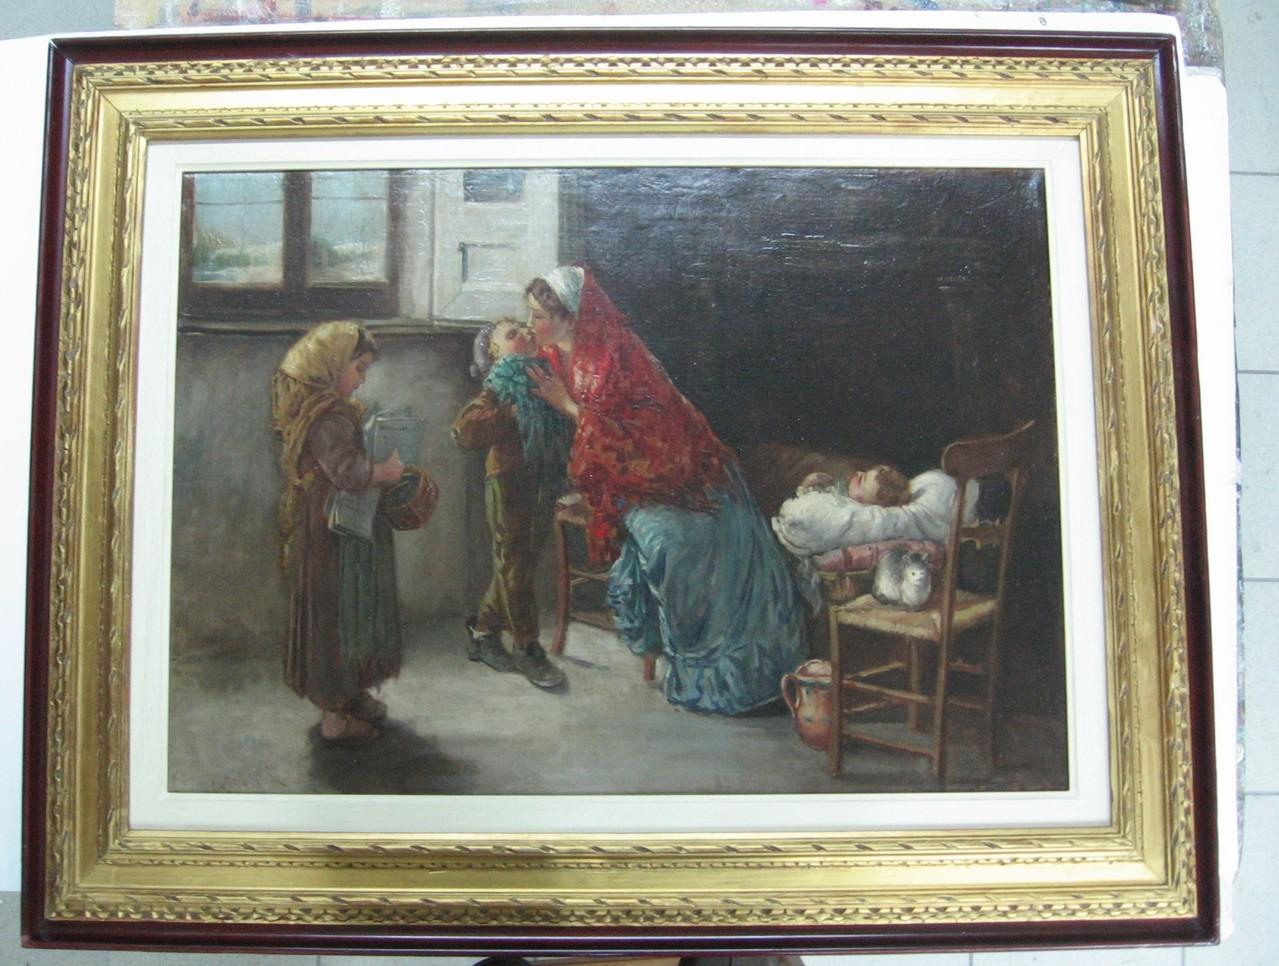 Dipinto ottocentesco con la sua cornice originale in foglia oro restaurata.